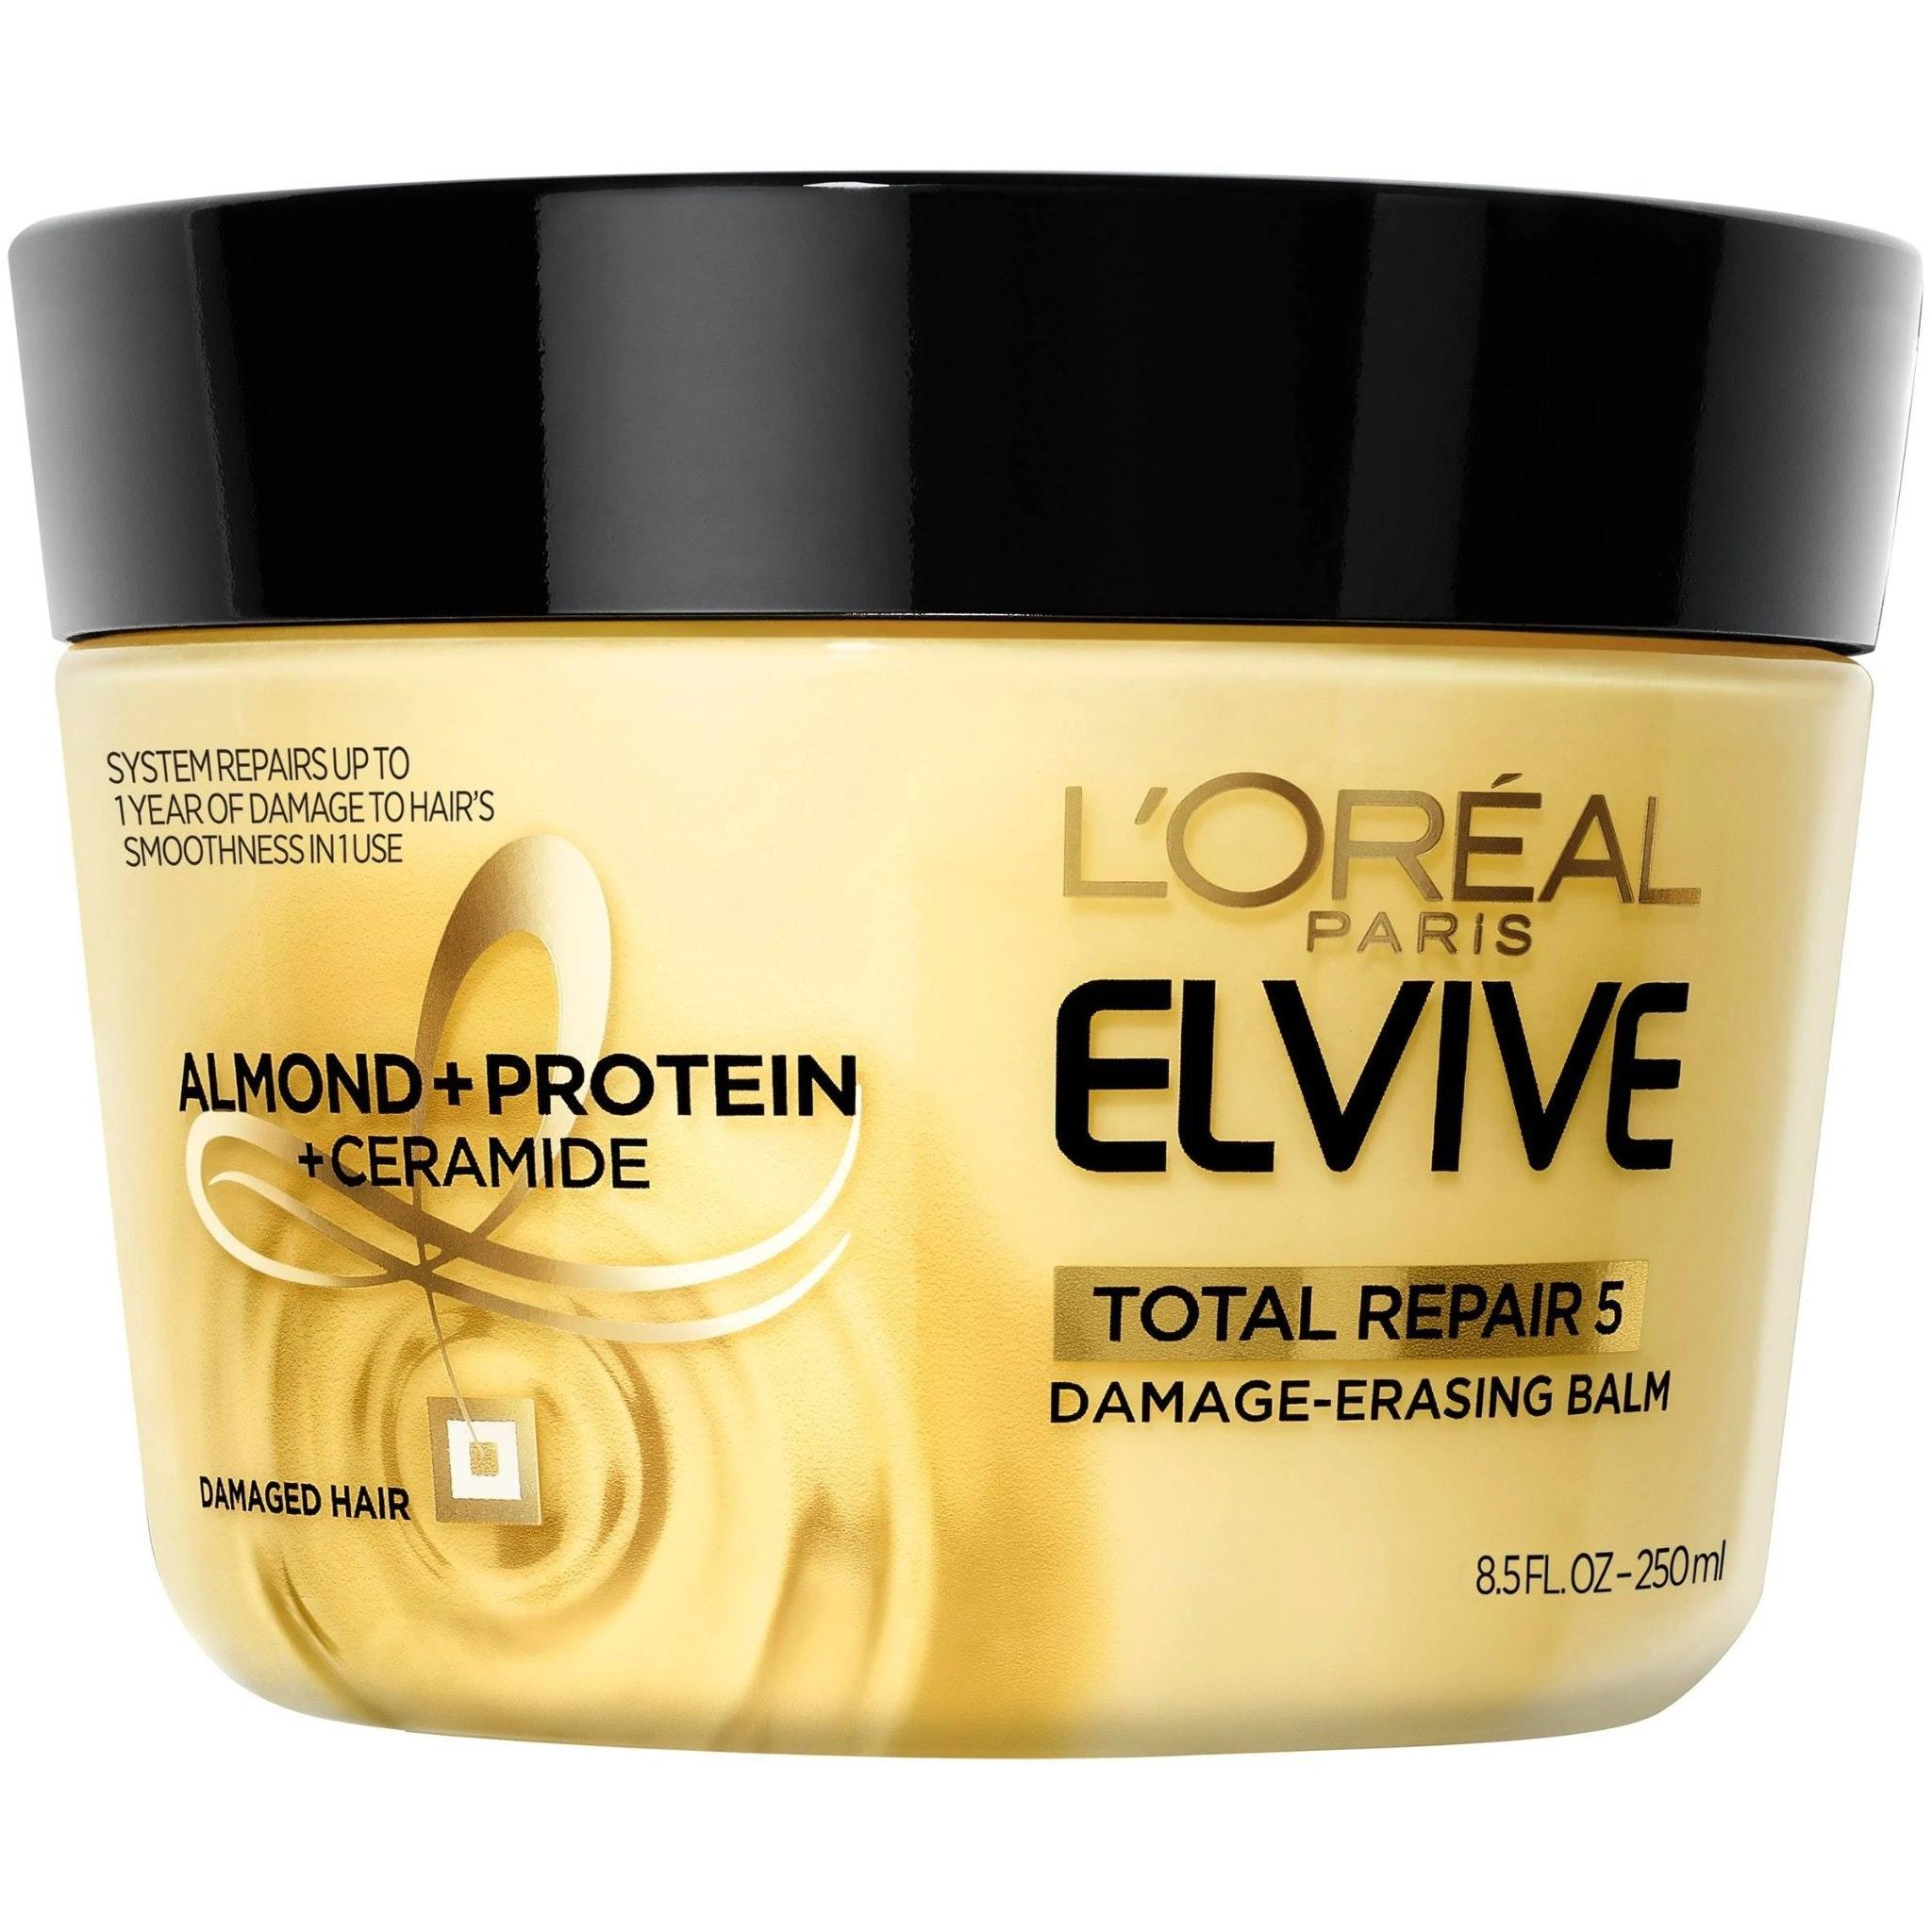 L'Oreal Paris Hair Care Elvive Total Repair 5 Damage Erasing Balm